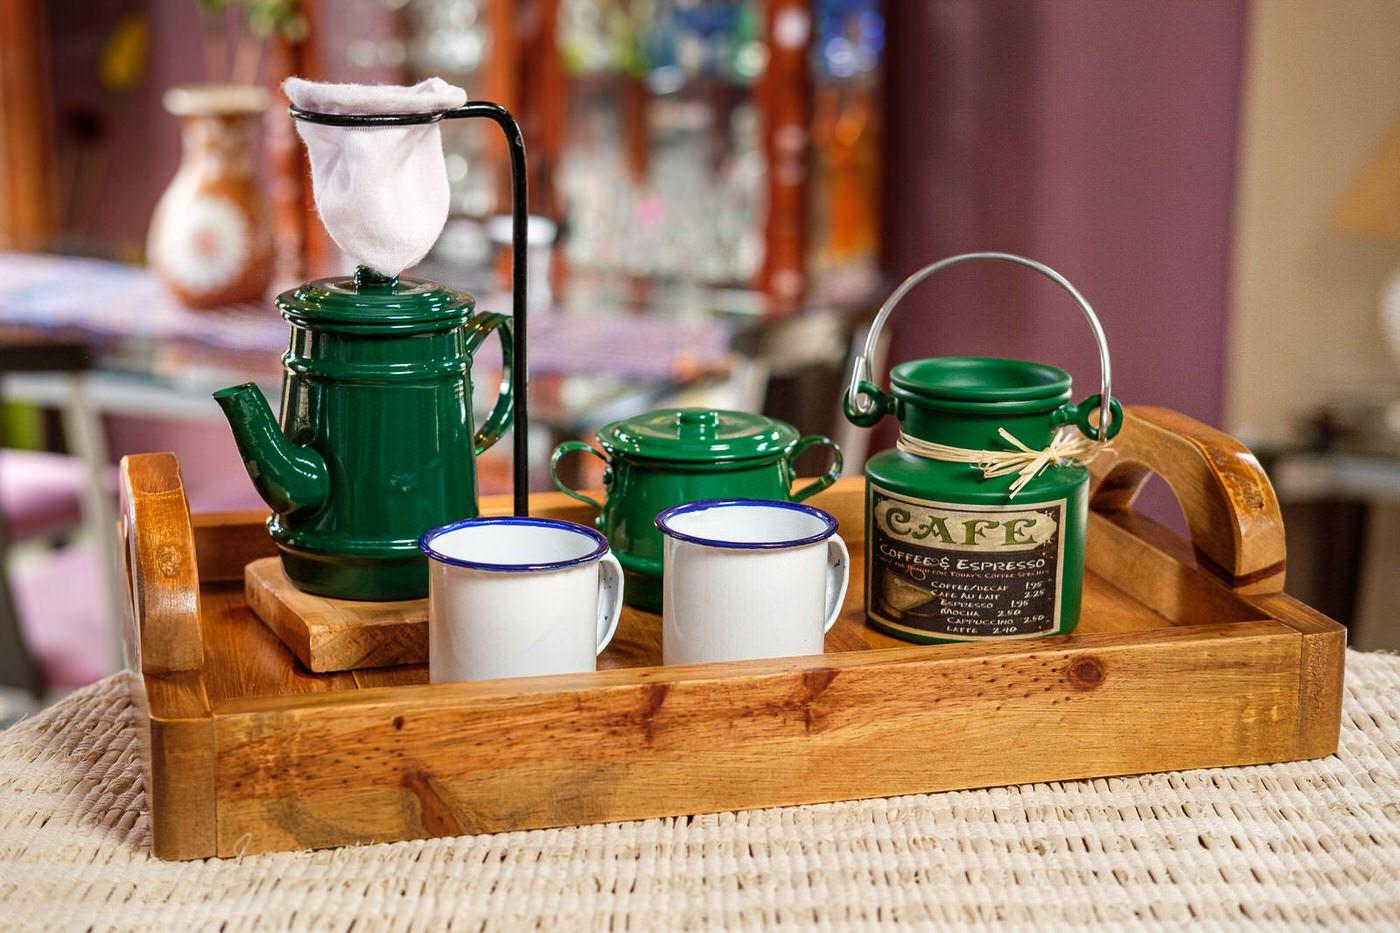 Kit Bandeja + Peças de Café / Verde Escuro com Canecas Brancas